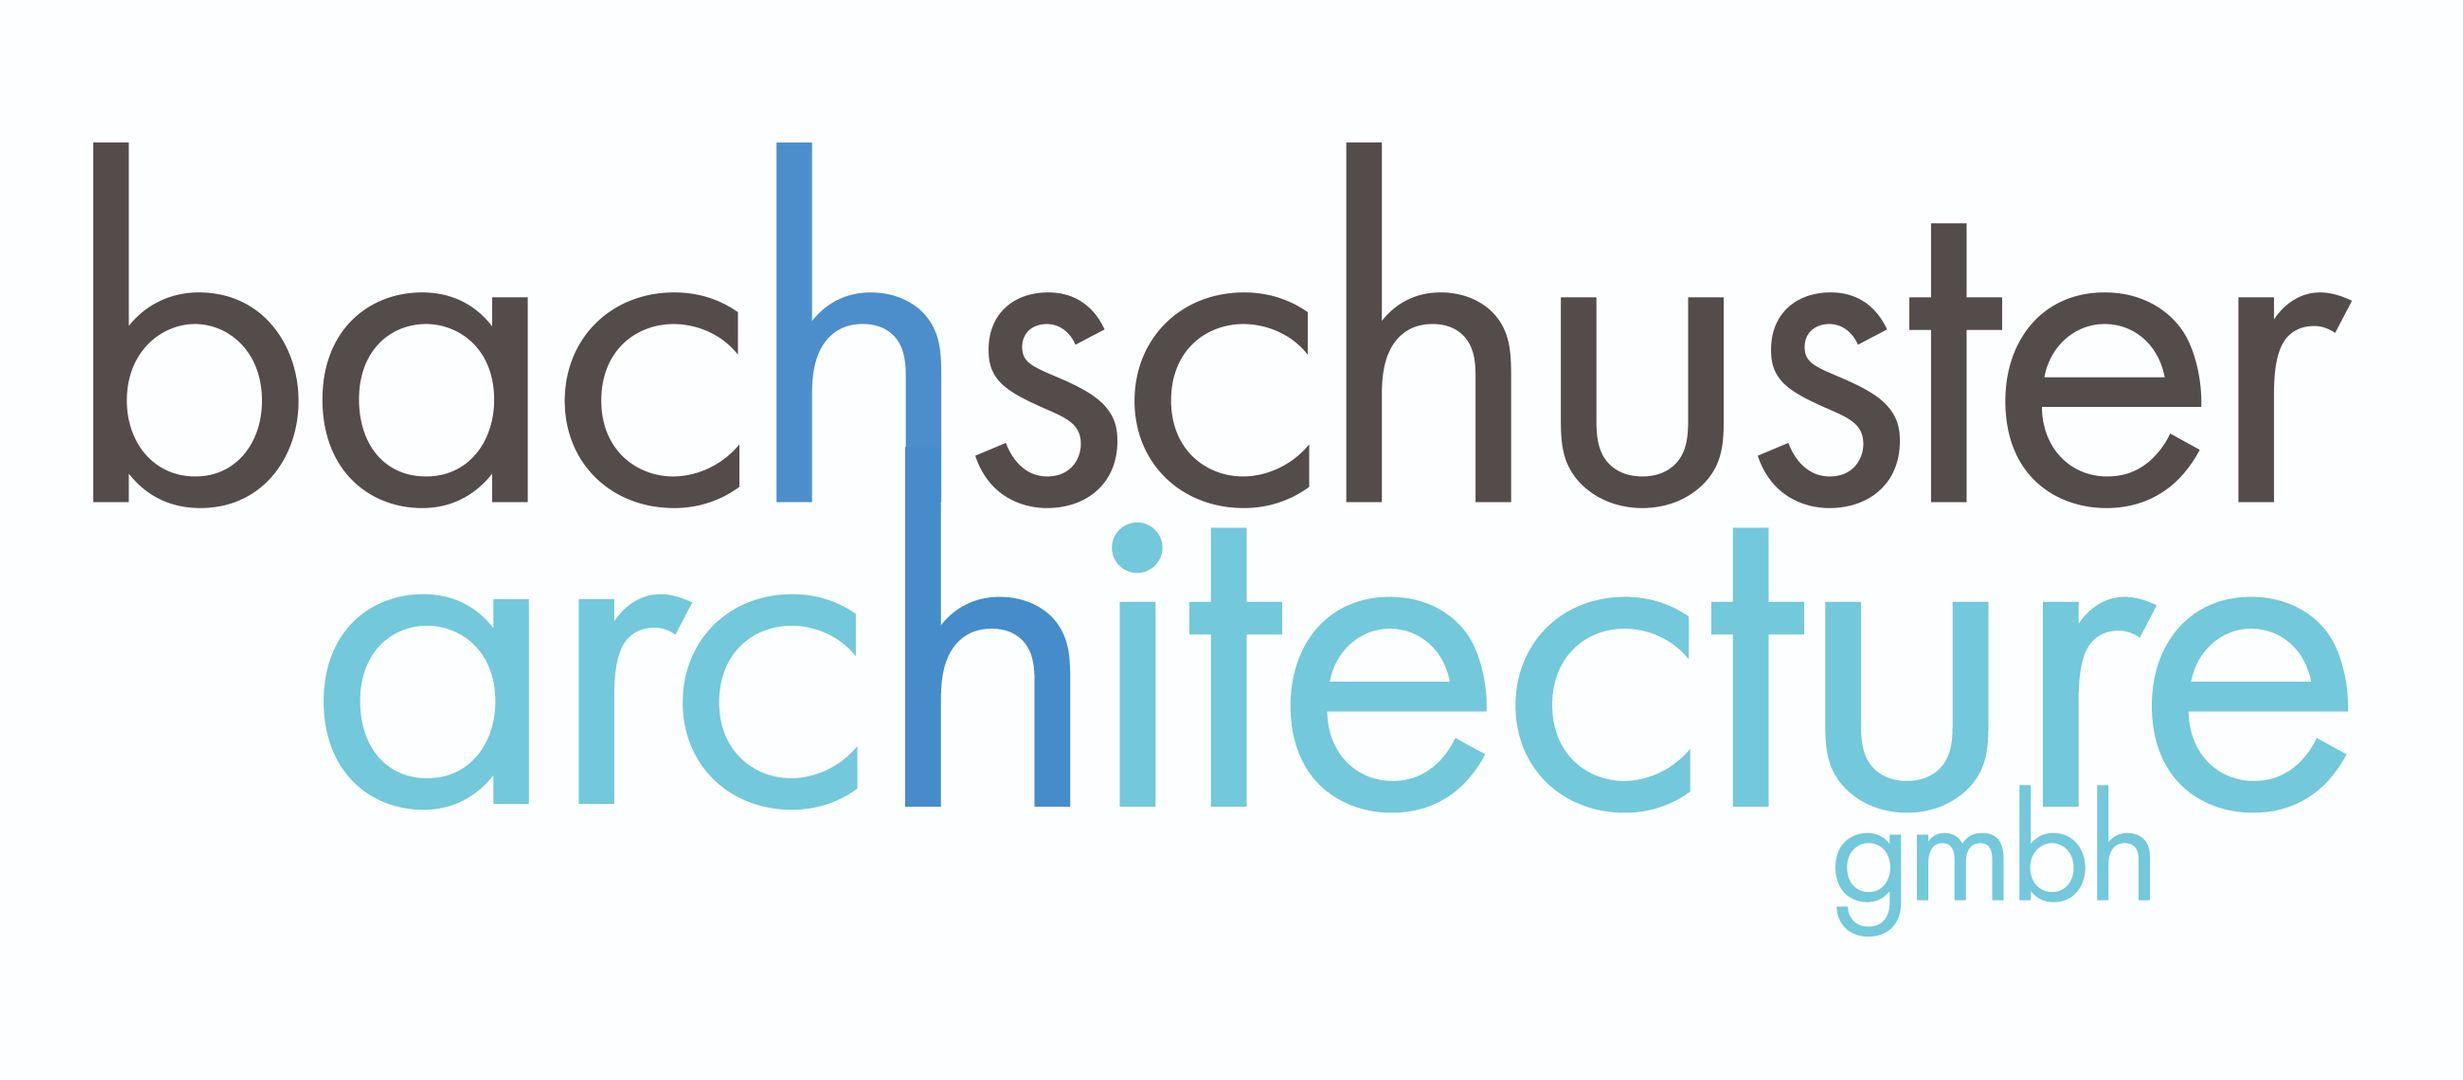 Bachschuster Architektur GmbH (Germany)